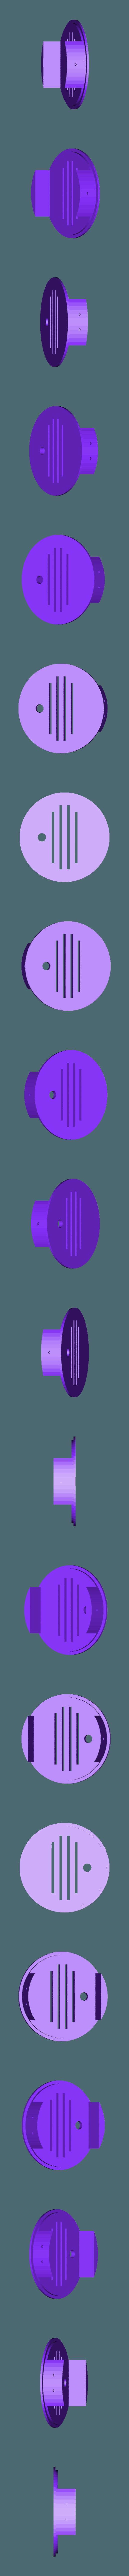 BSL_Tube_back_switch.stl Download free STL file Bedside Lamp (Tube), LED 12V 2.5W • 3D printer model, Seabird